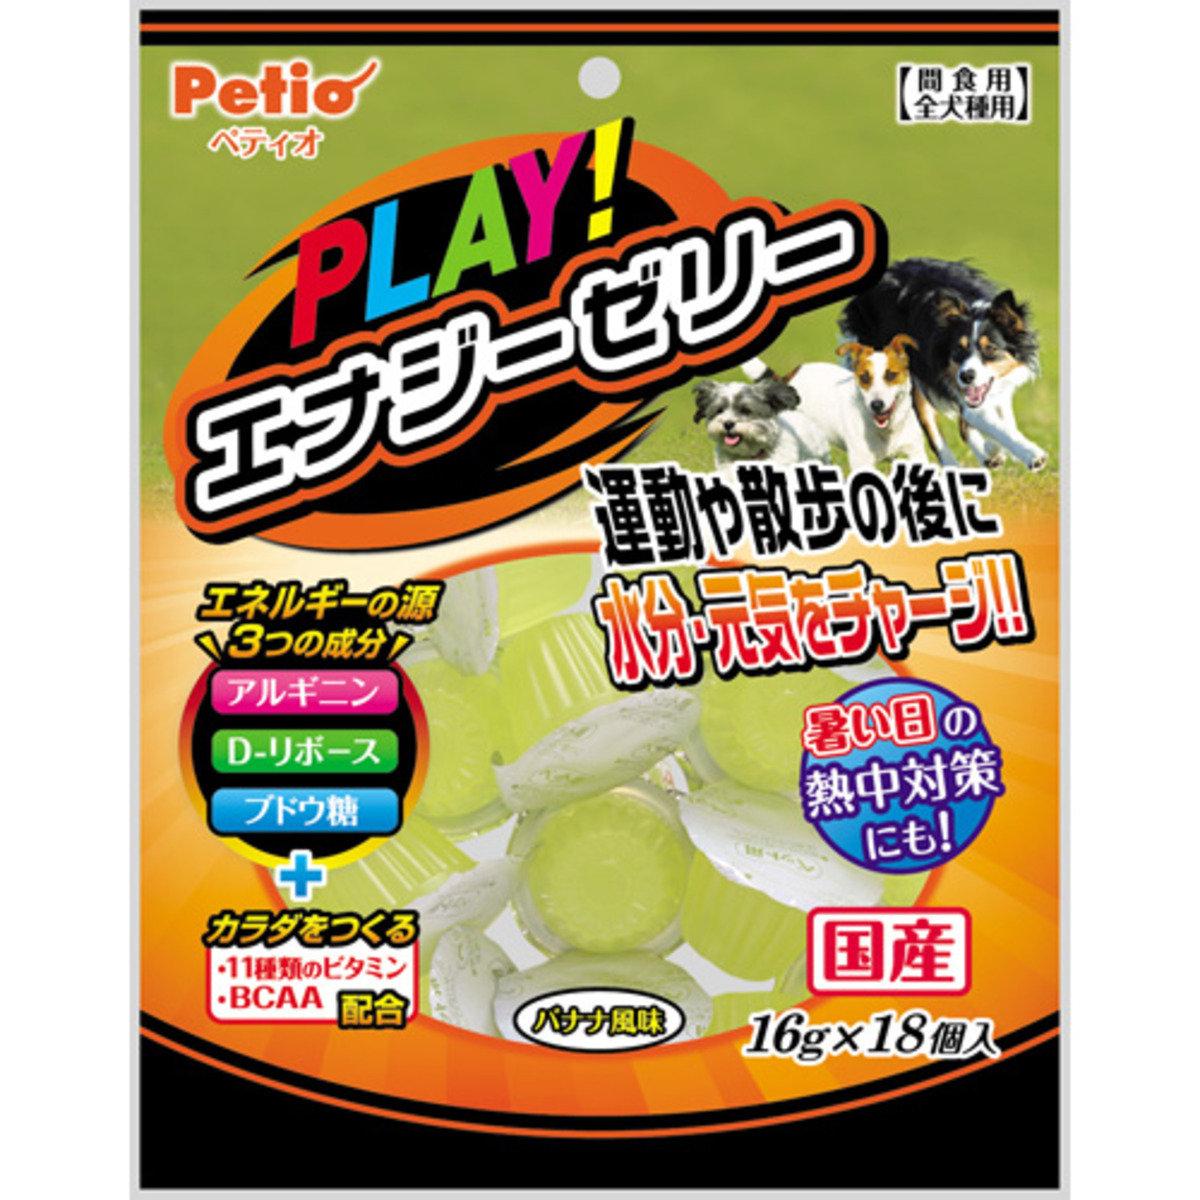 狗小食營養運動型能量啫喱(W12409)